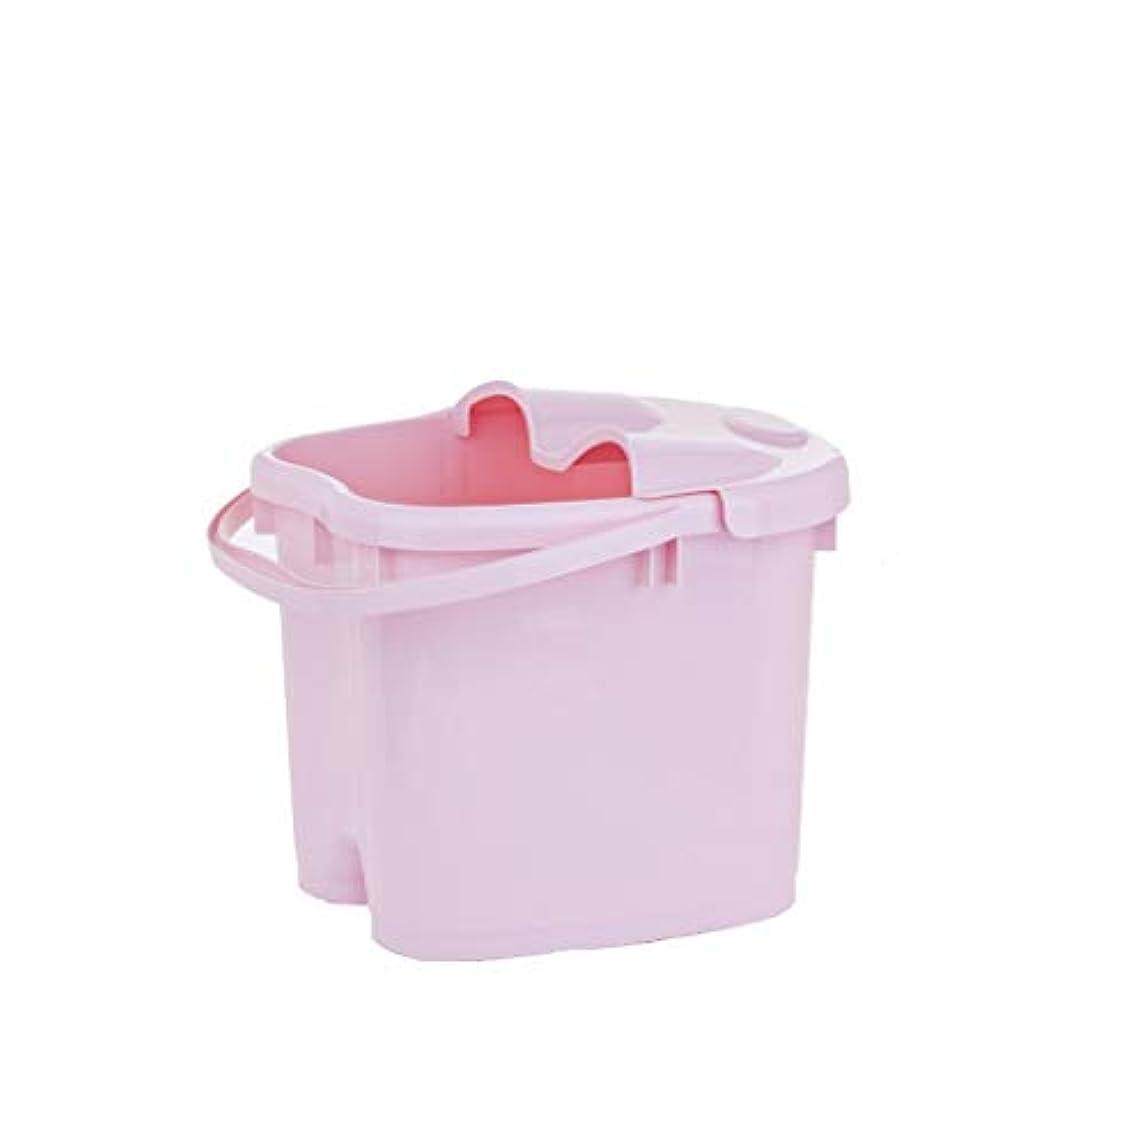 ソーダ水なぜならスクレーパーBB- ?AMT携帯用高まりのマッサージの浴槽のふたの熱保存のフィートの洗面器の世帯が付いている大人のフットバスのバケツ 0405 (色 : ピンク, サイズ さいず : 30.5cm high)